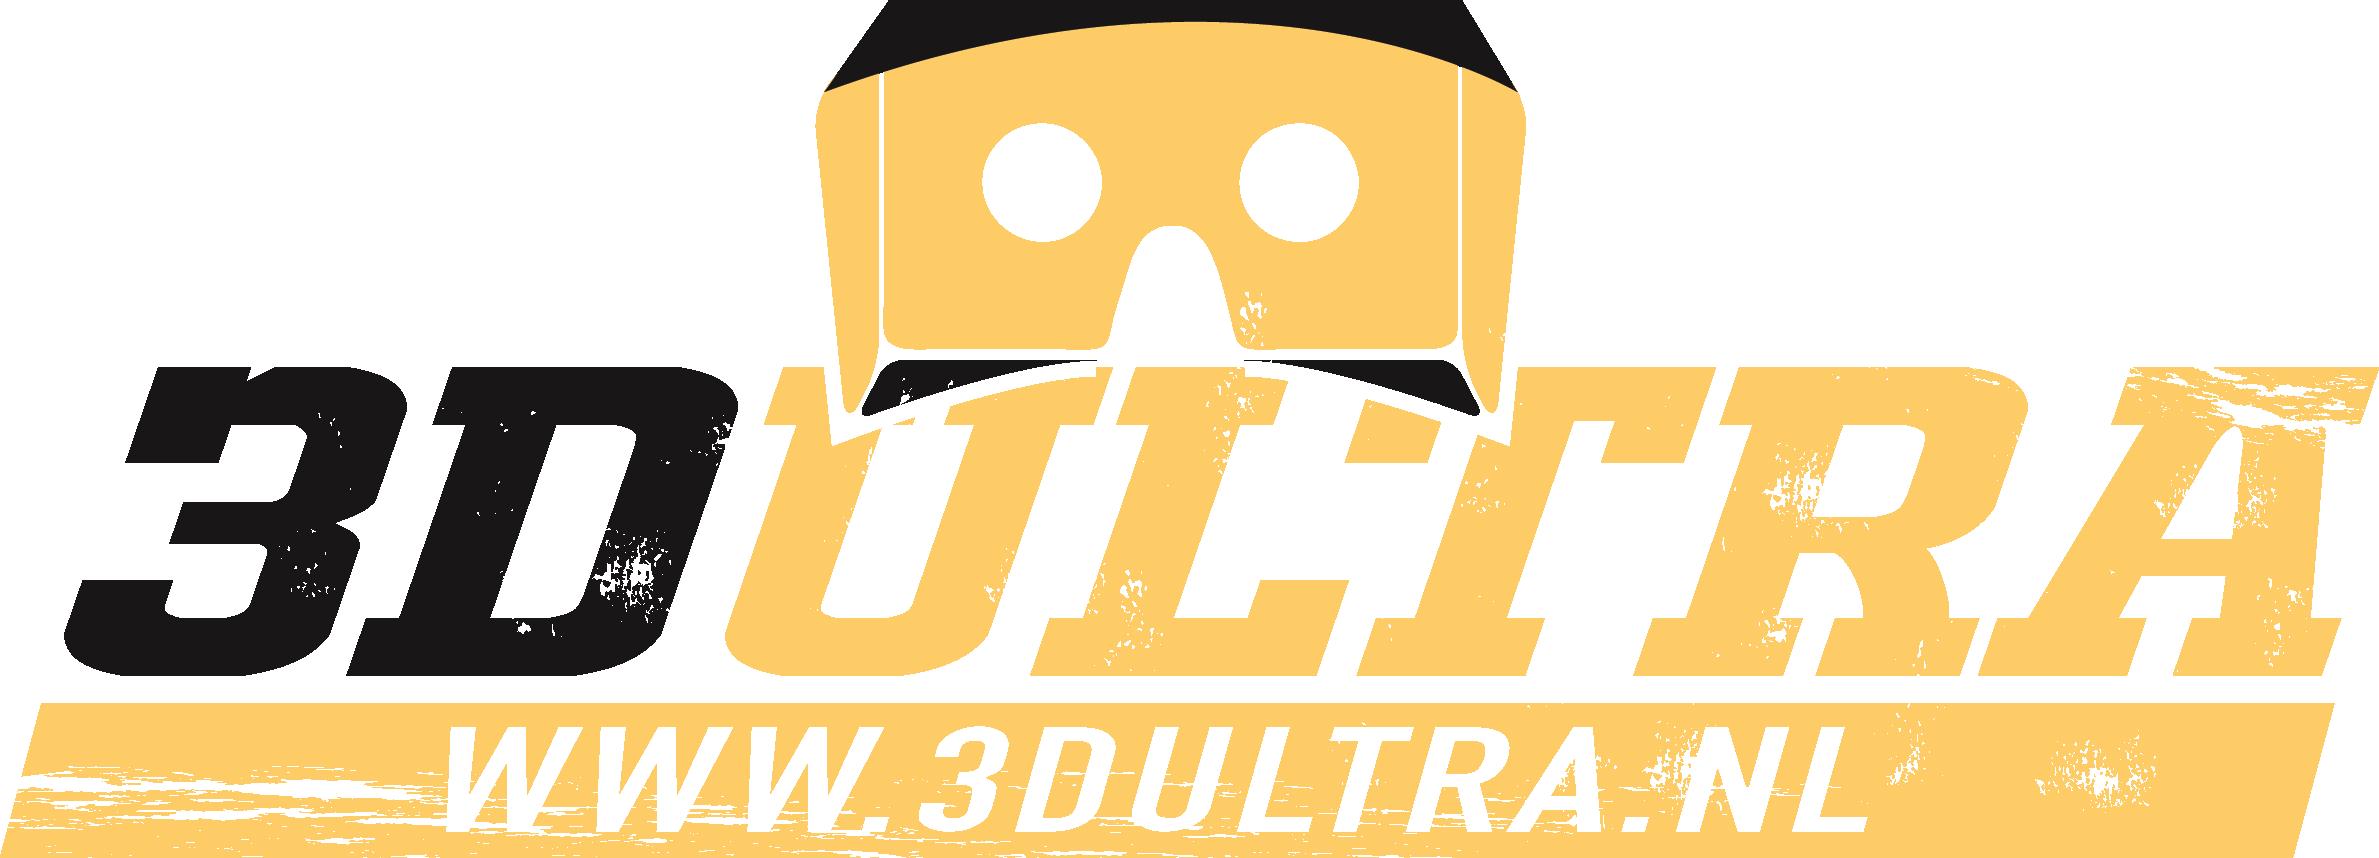 3d Ultra